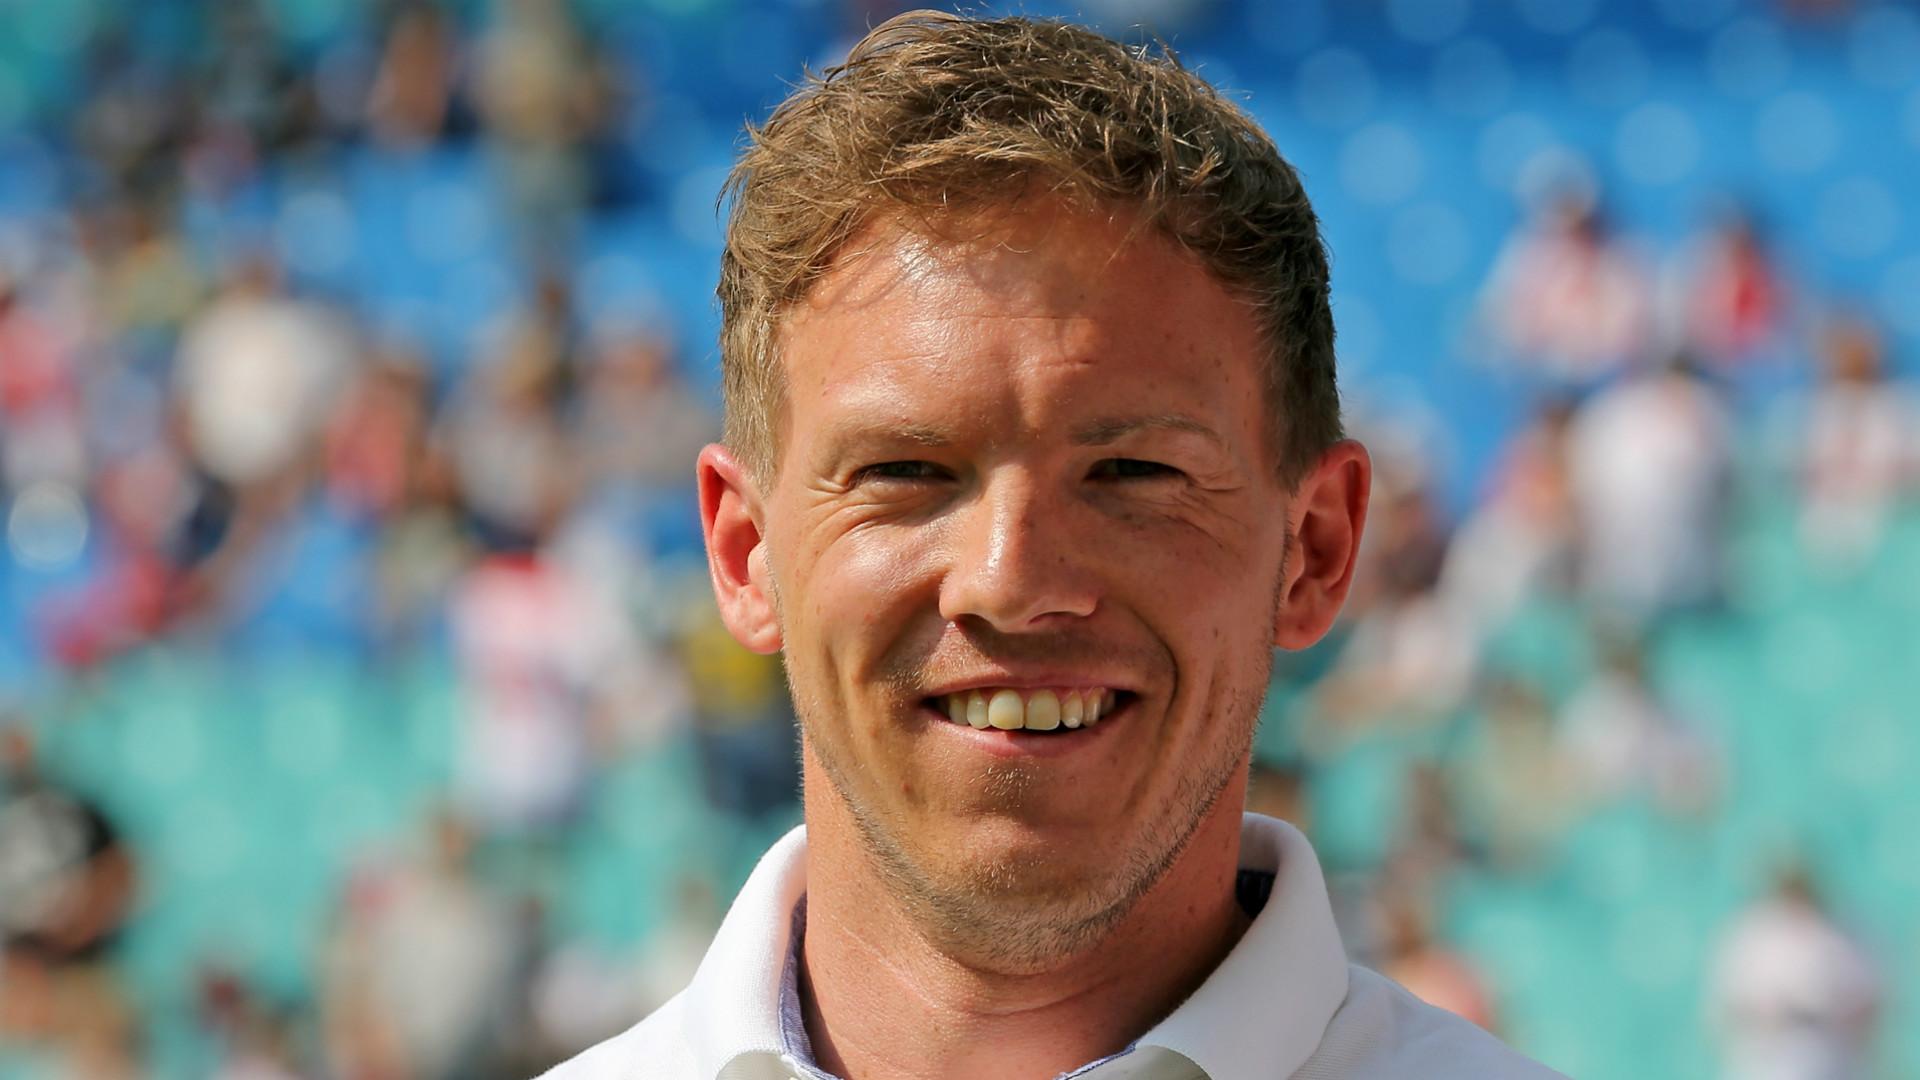 Fußball: Bayern-Leihgabe Gnabry in München - Nagelsmann entspannt